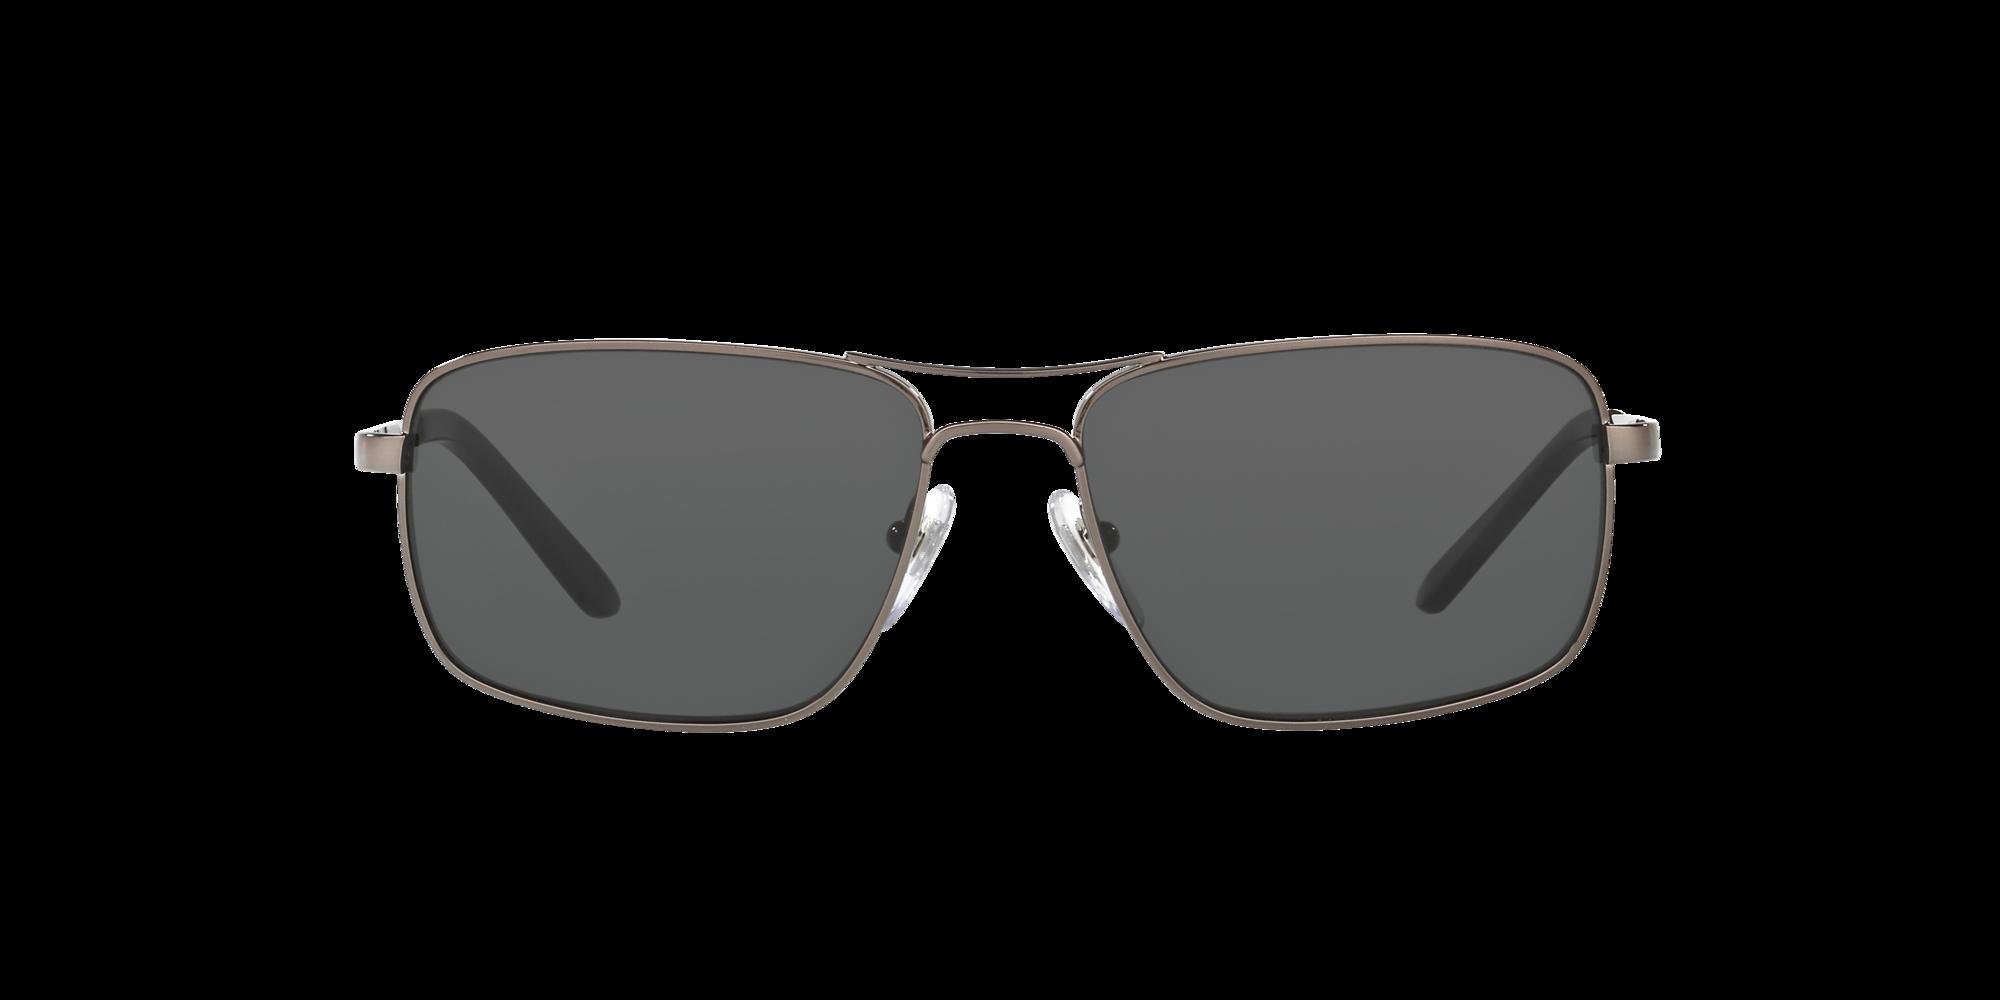 Imagen para REF ARTICLE 100510 de LensCrafters |  Espejuelos, espejuelos graduados en línea, gafas